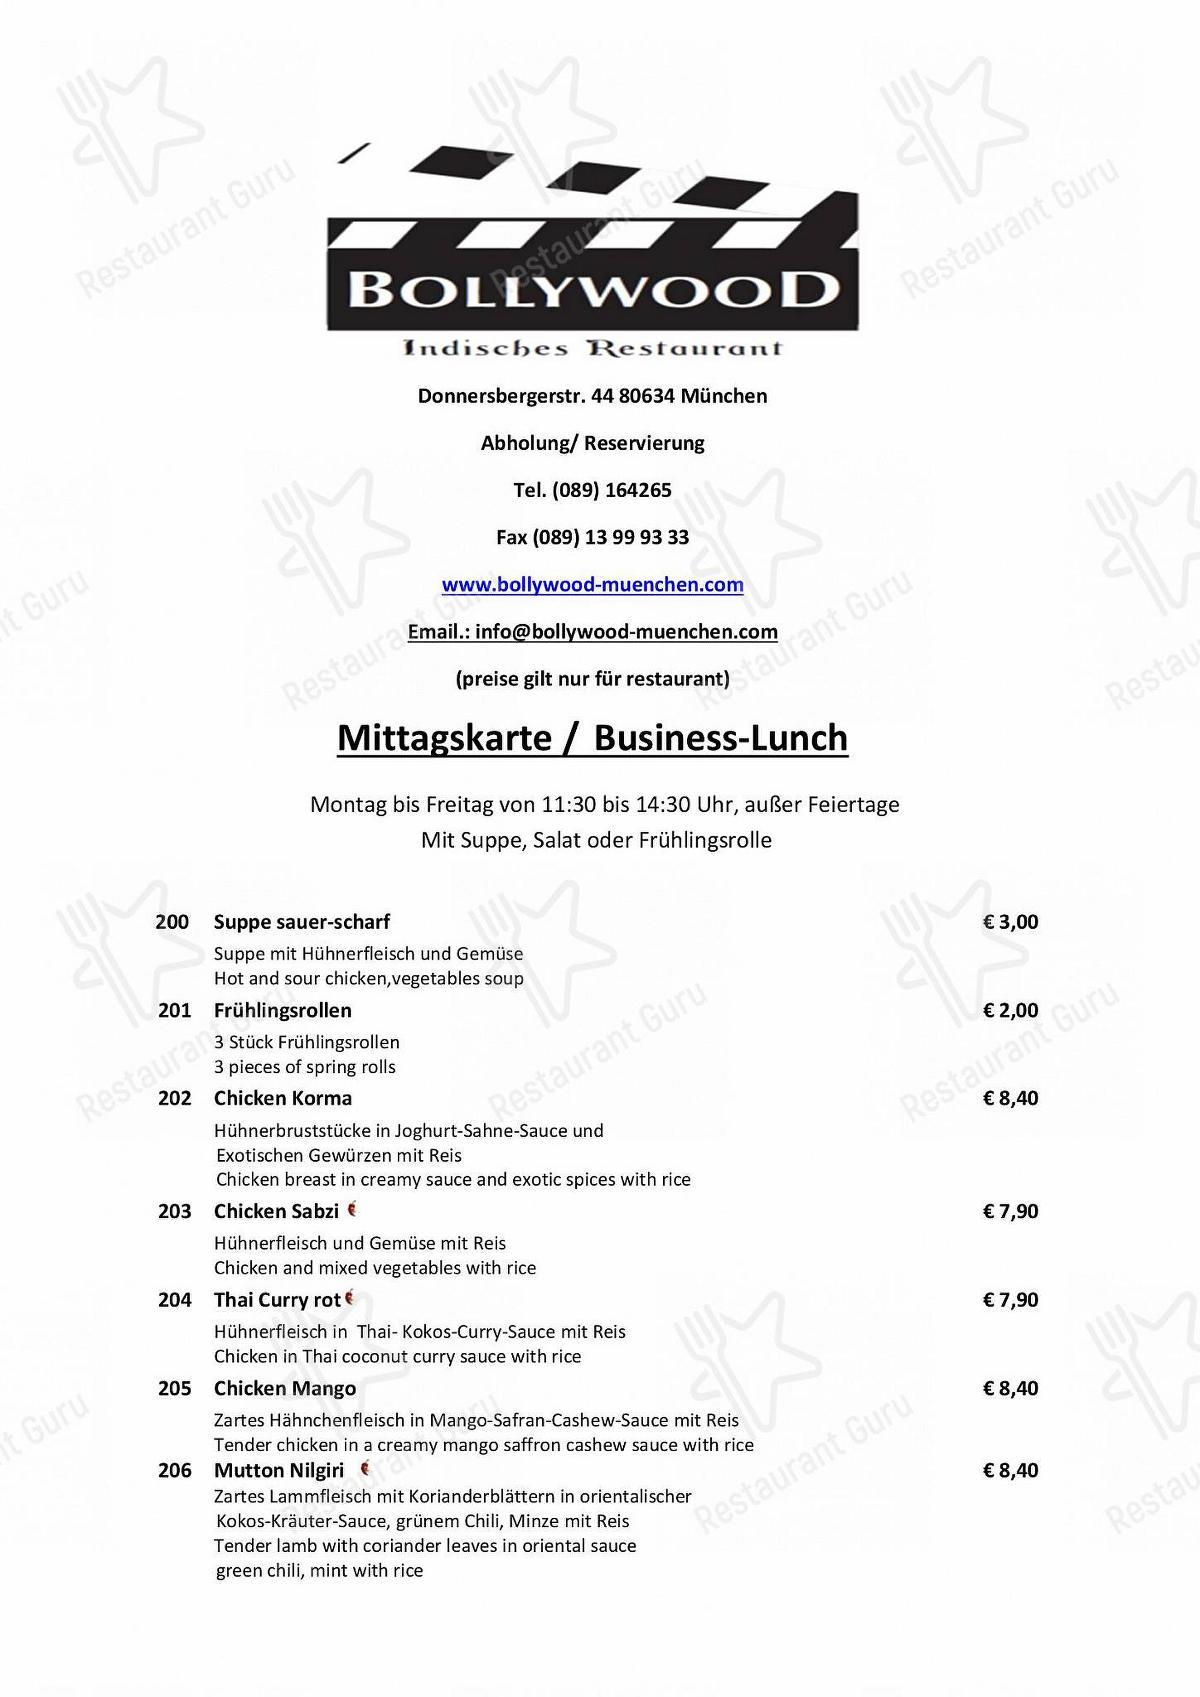 Lunch Menu von Bollywood restaurant